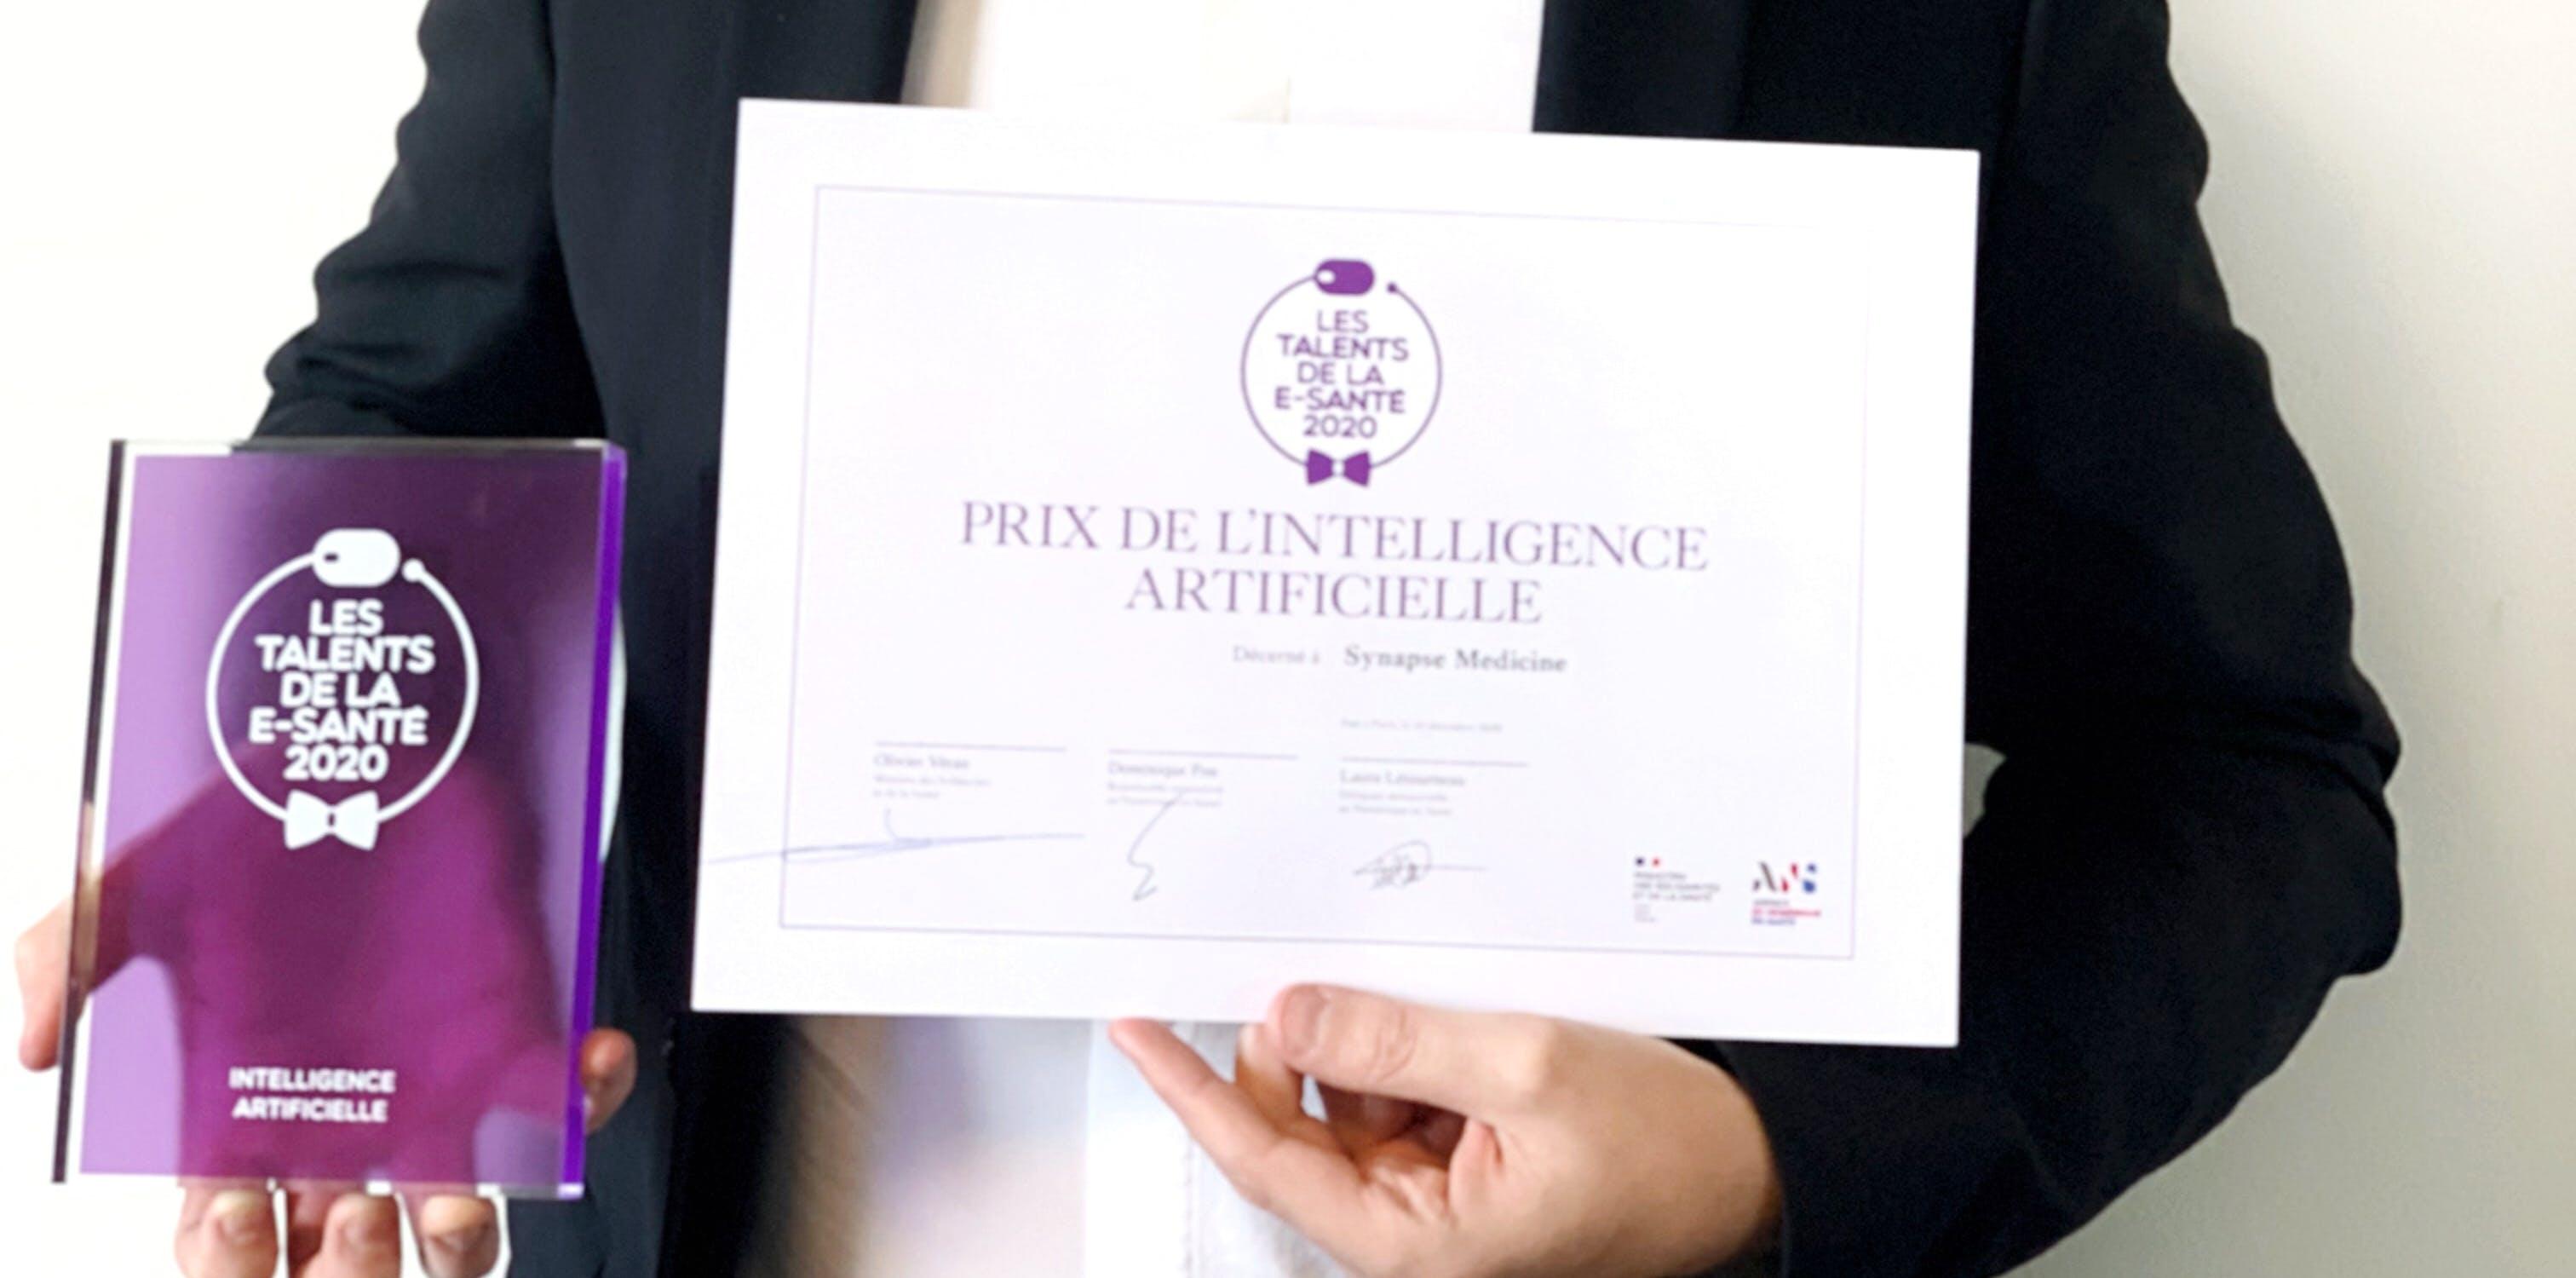 Prix de l'Intelligence Artificielle du concours Talents de la e-santé décerné à Synapse Medicine